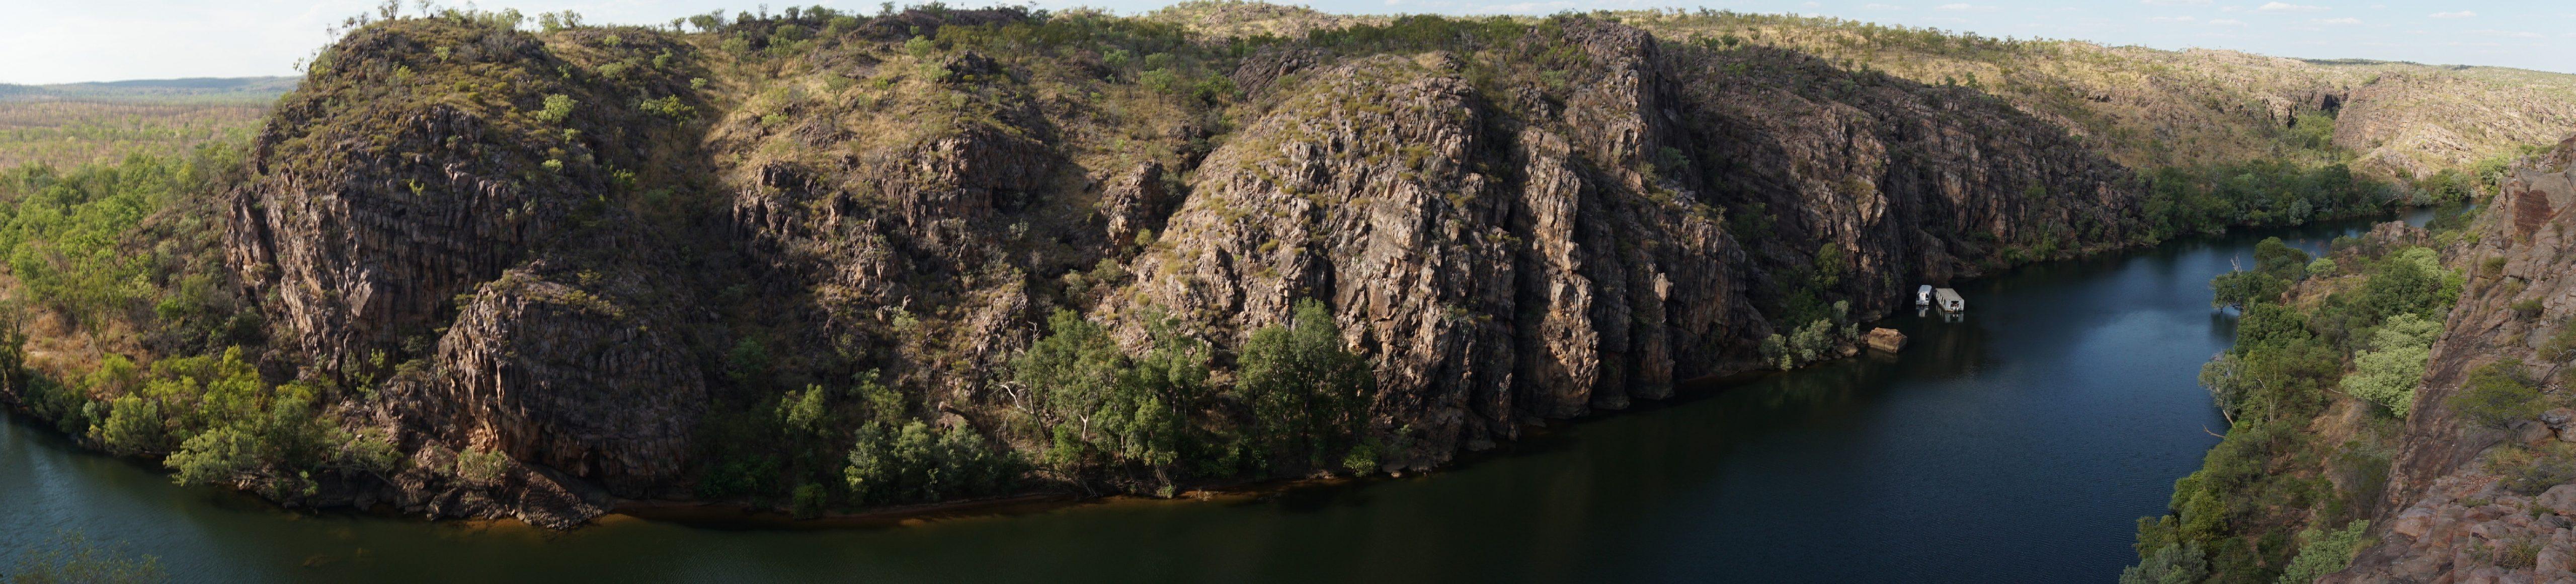 Nitmiluk - Panorama